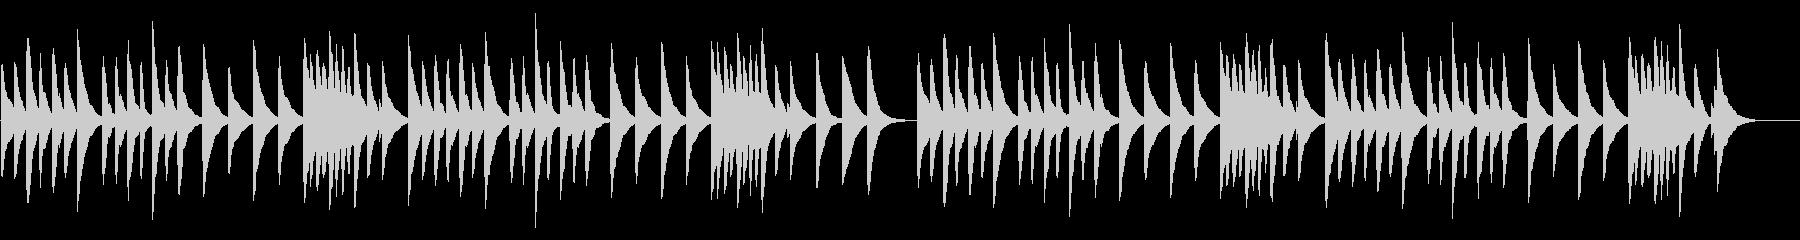 カエルの合唱 18弁オルゴールの未再生の波形